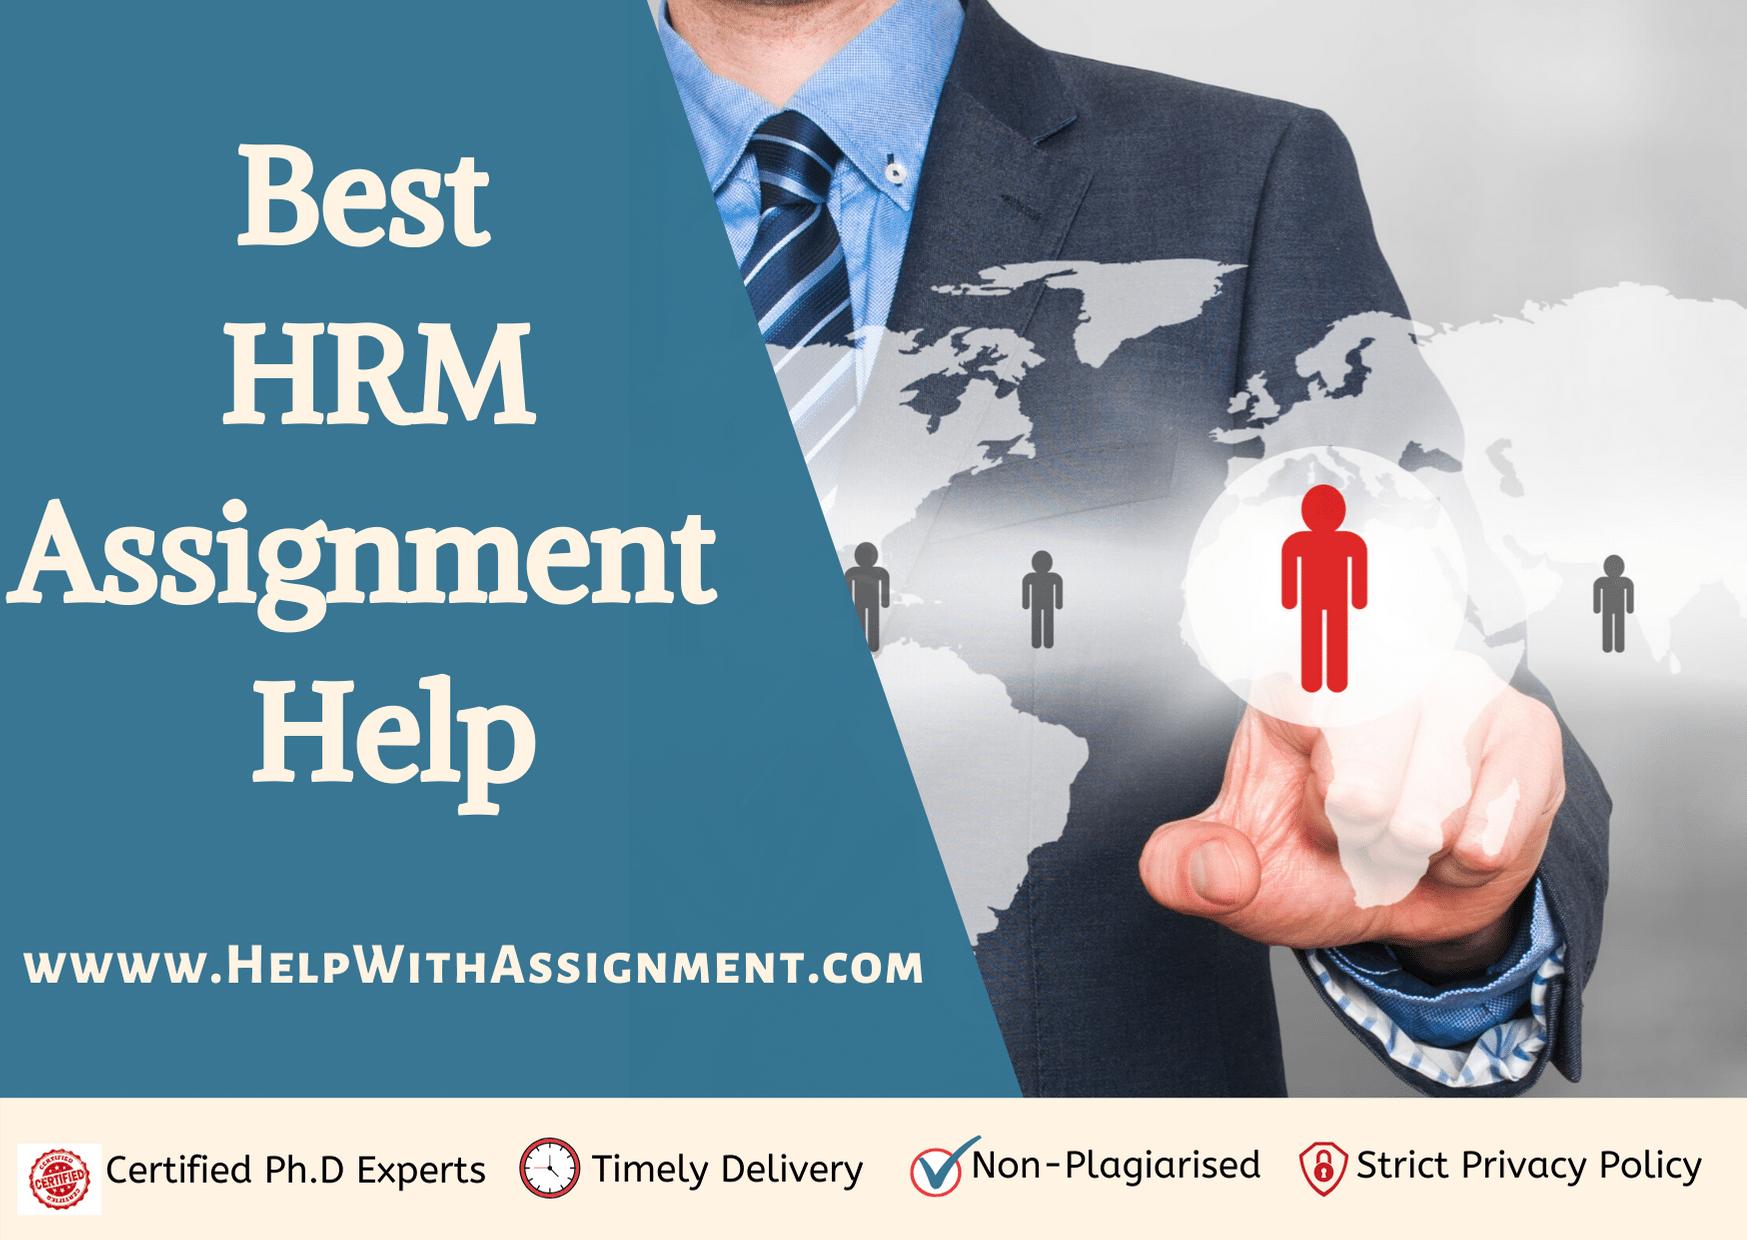 HRM Assignment Help